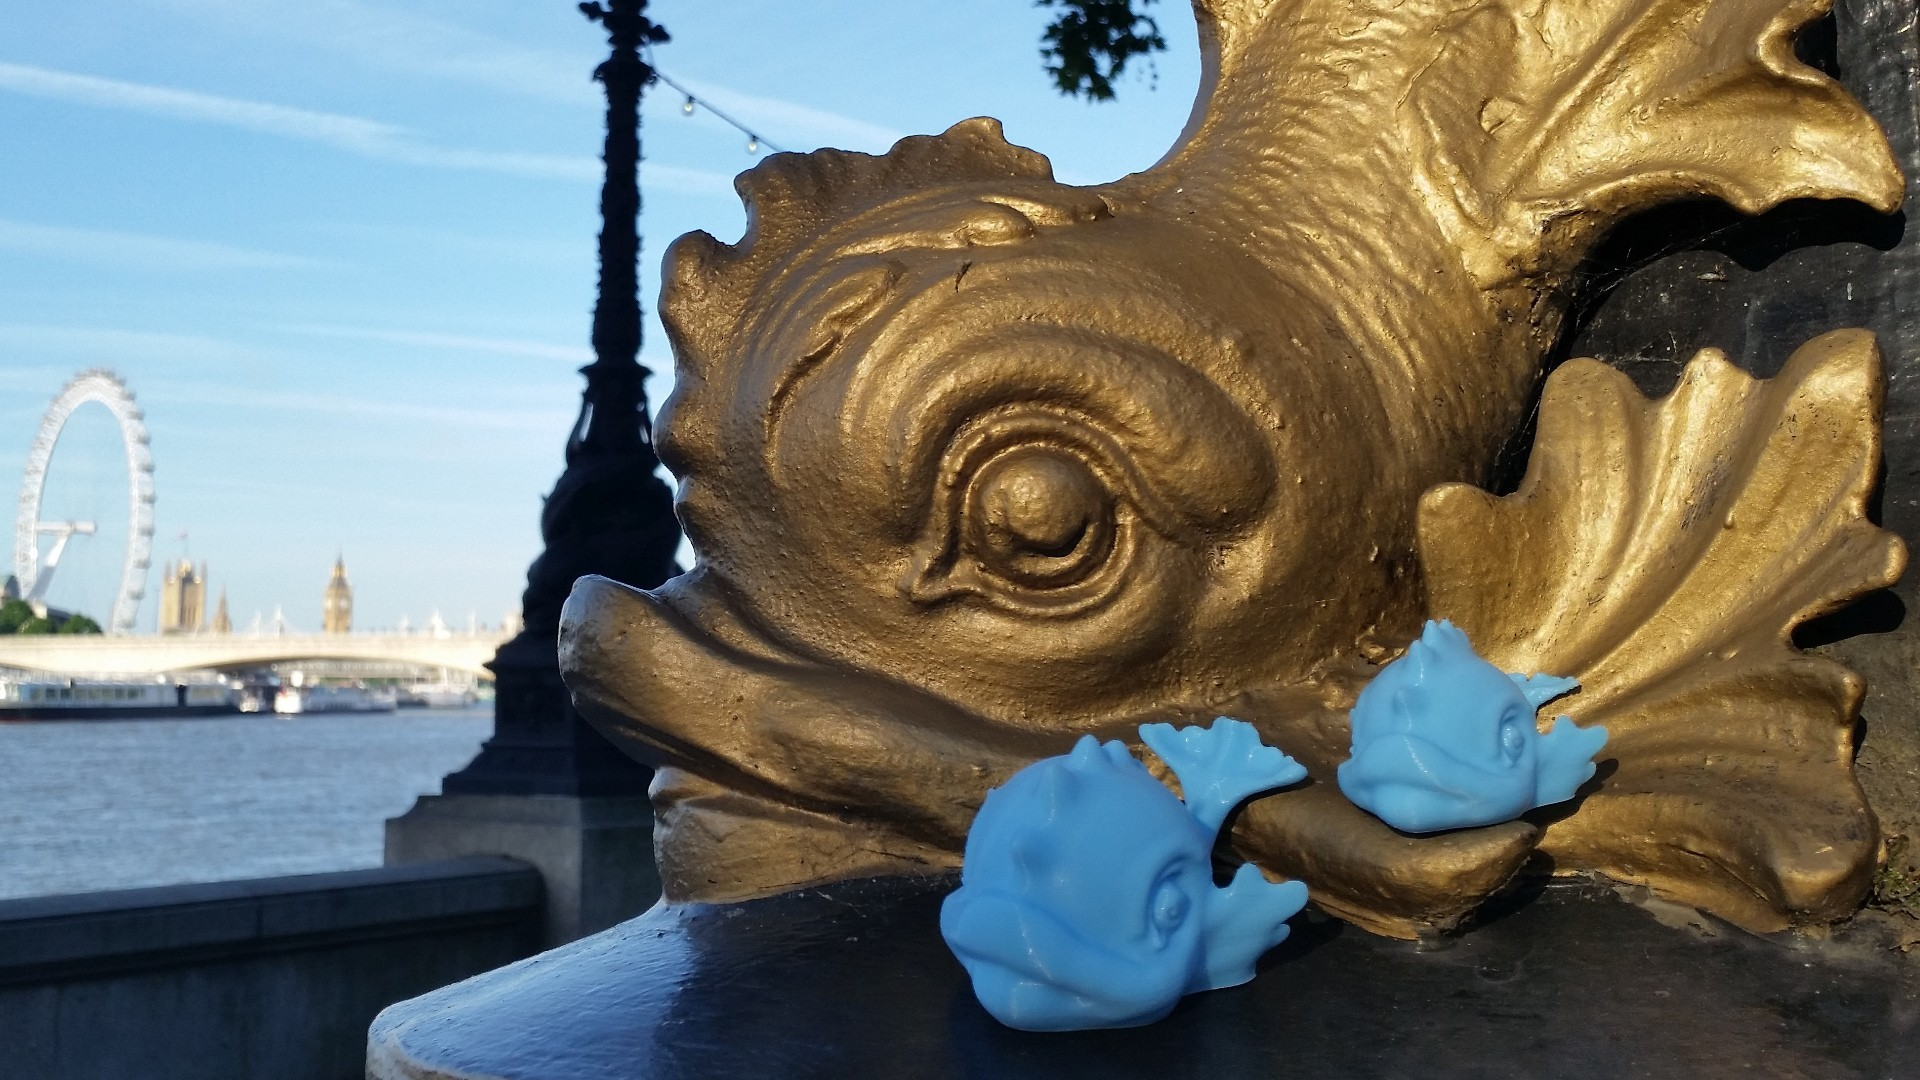 Baby Thames Dolphin Toy 1920.jpg Télécharger fichier STL gratuit Jouet de dauphins de bébé Tamise • Design pour impression 3D, MaxFunkner